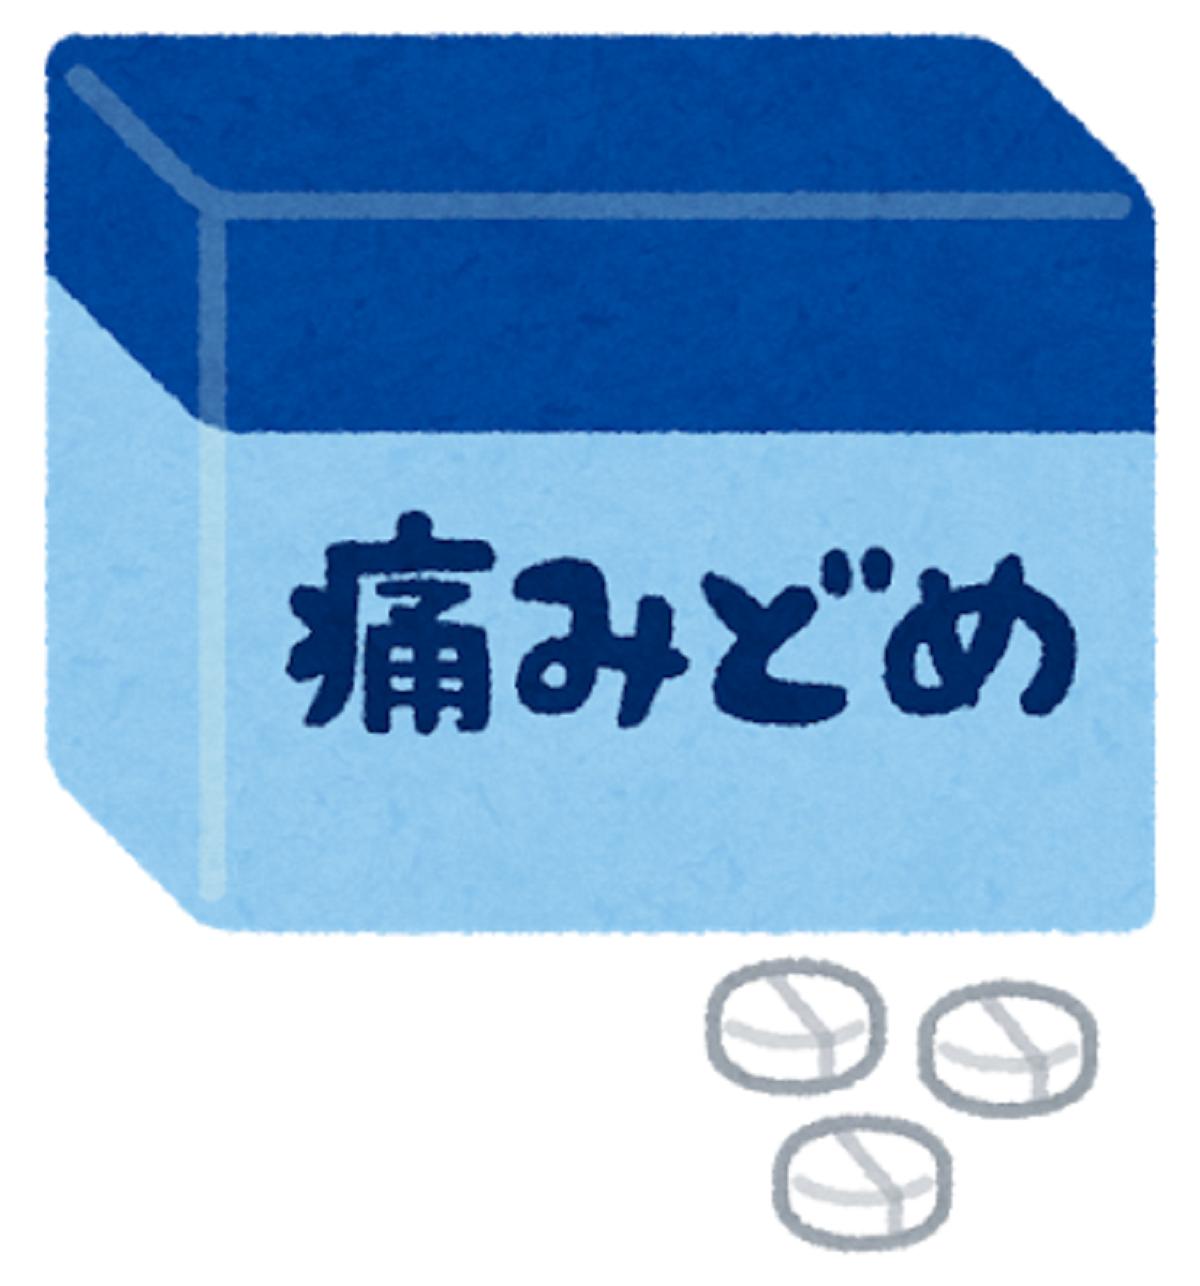 トラムセット®配合錠(トラマドール+アセトアミノフェン)について。特徴と注意点(副作用)